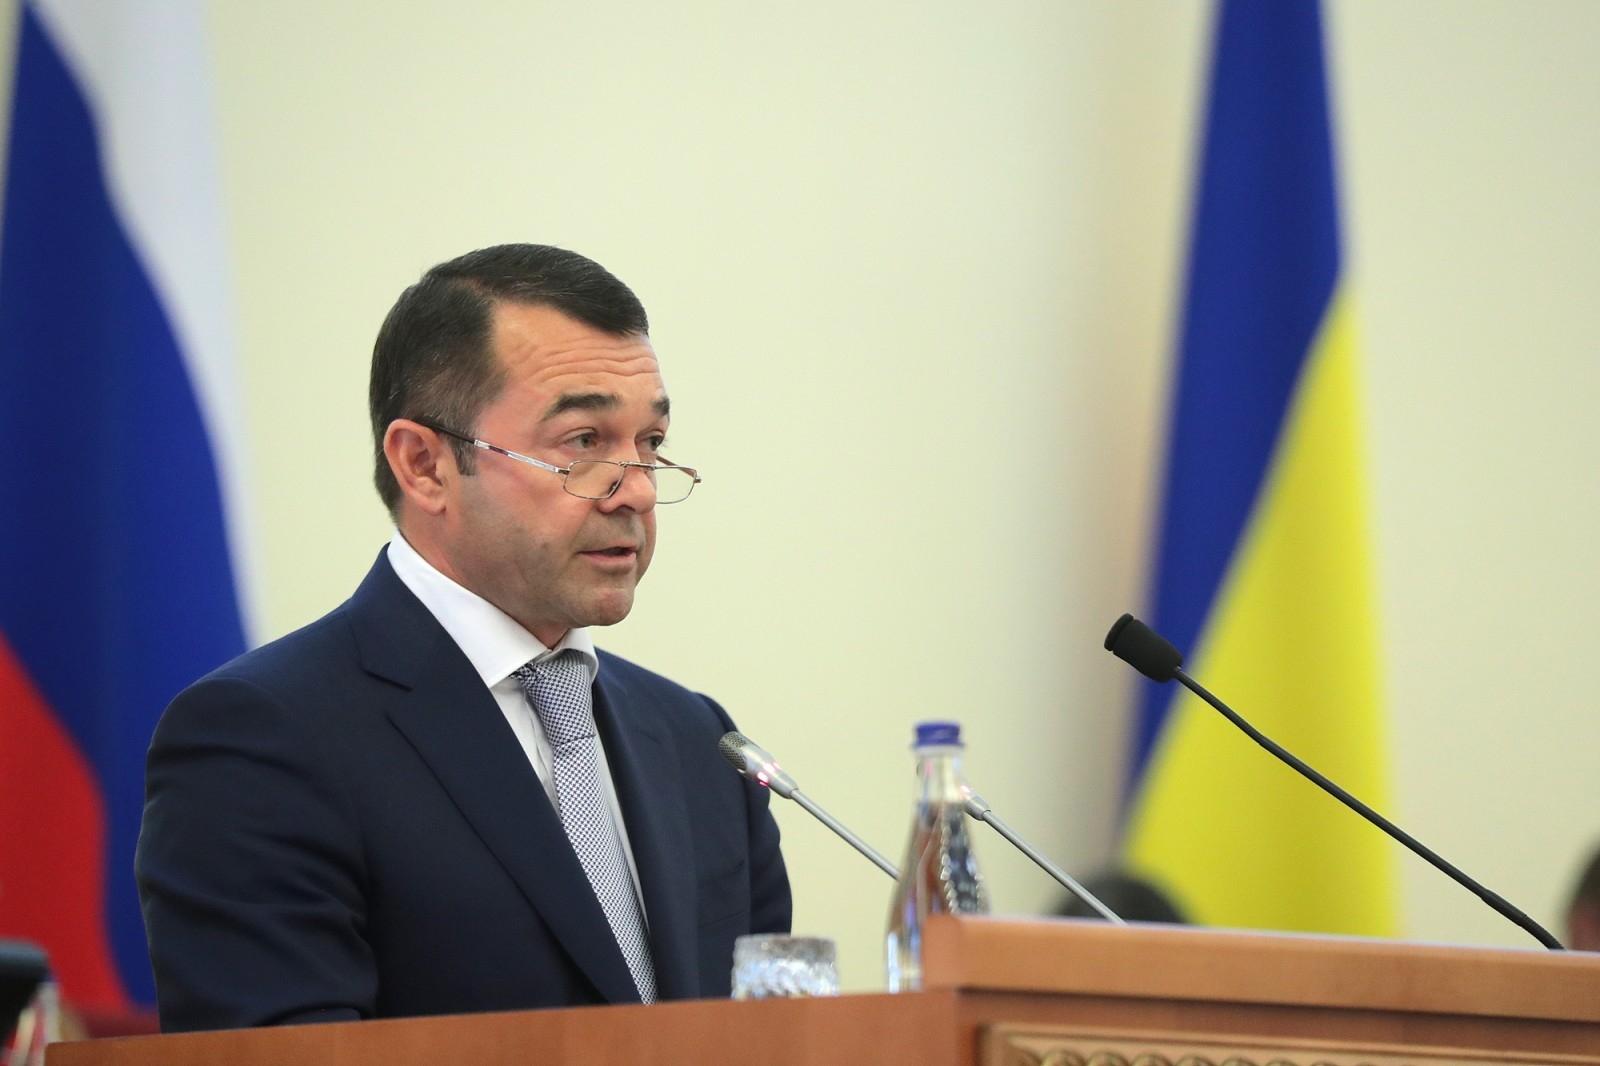 Донской губернатор освободил от занимаемой должности Юрия Молодченко